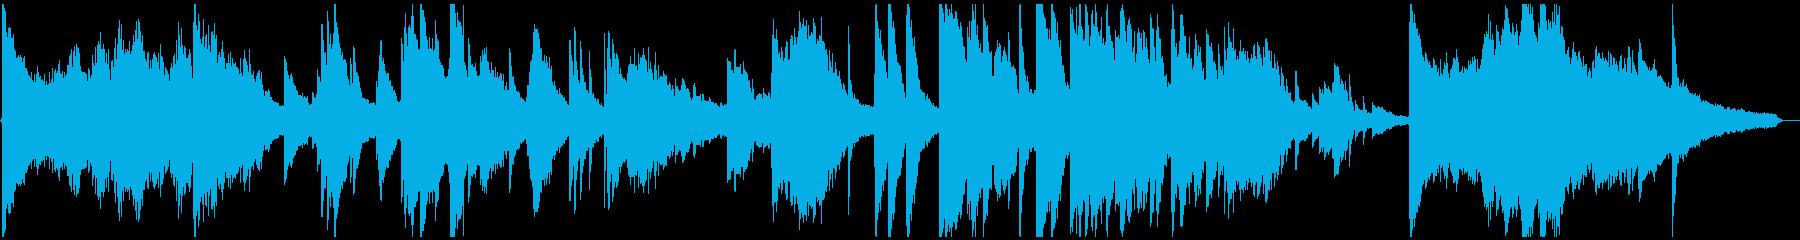 怪しい雰囲気の大々的なピアノソロの再生済みの波形